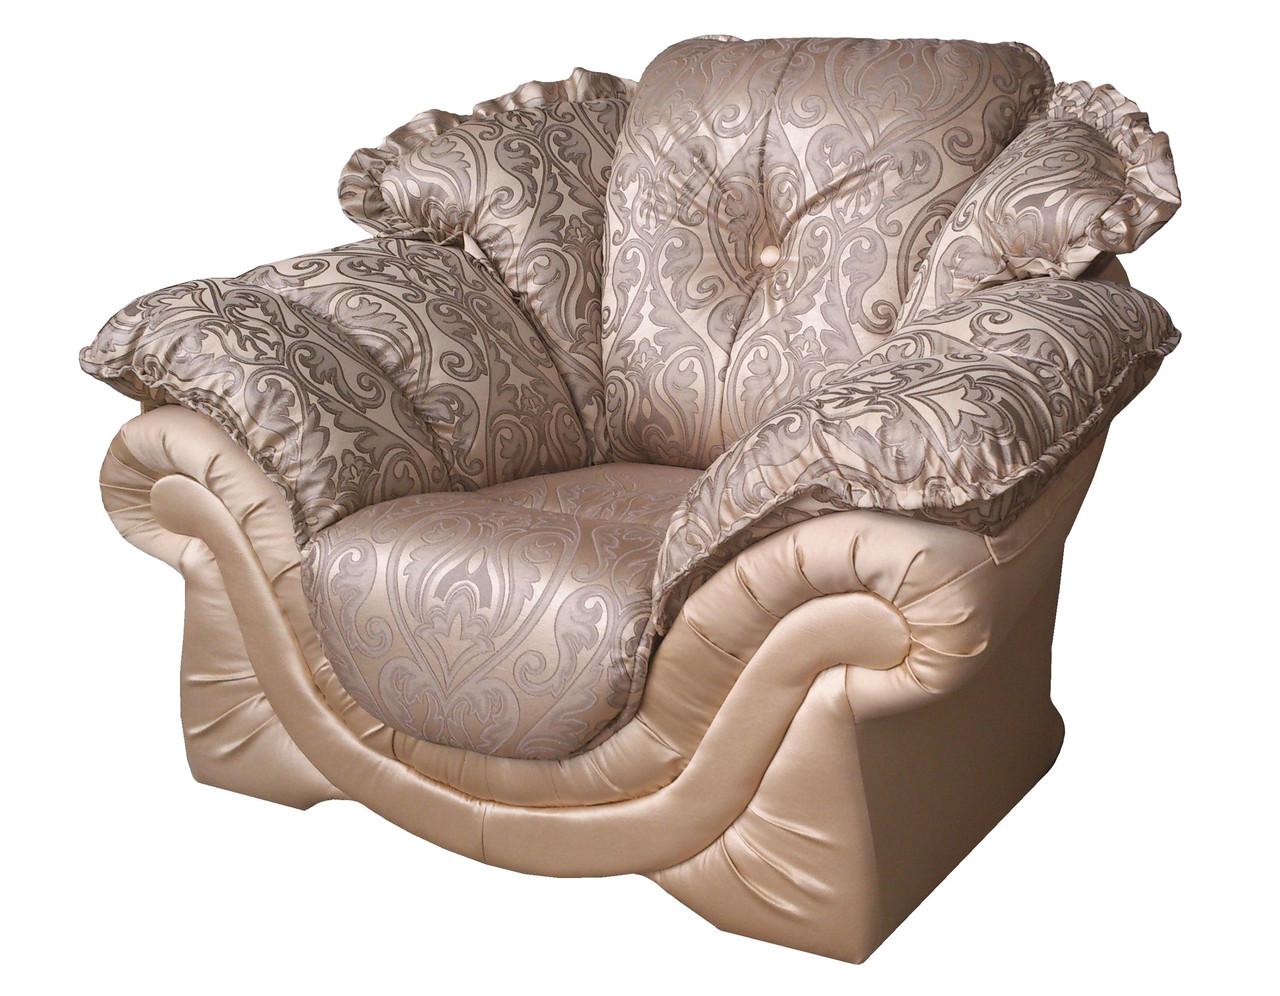 мягкая мебель кресло Loretta ткань продажа цена в запорожье